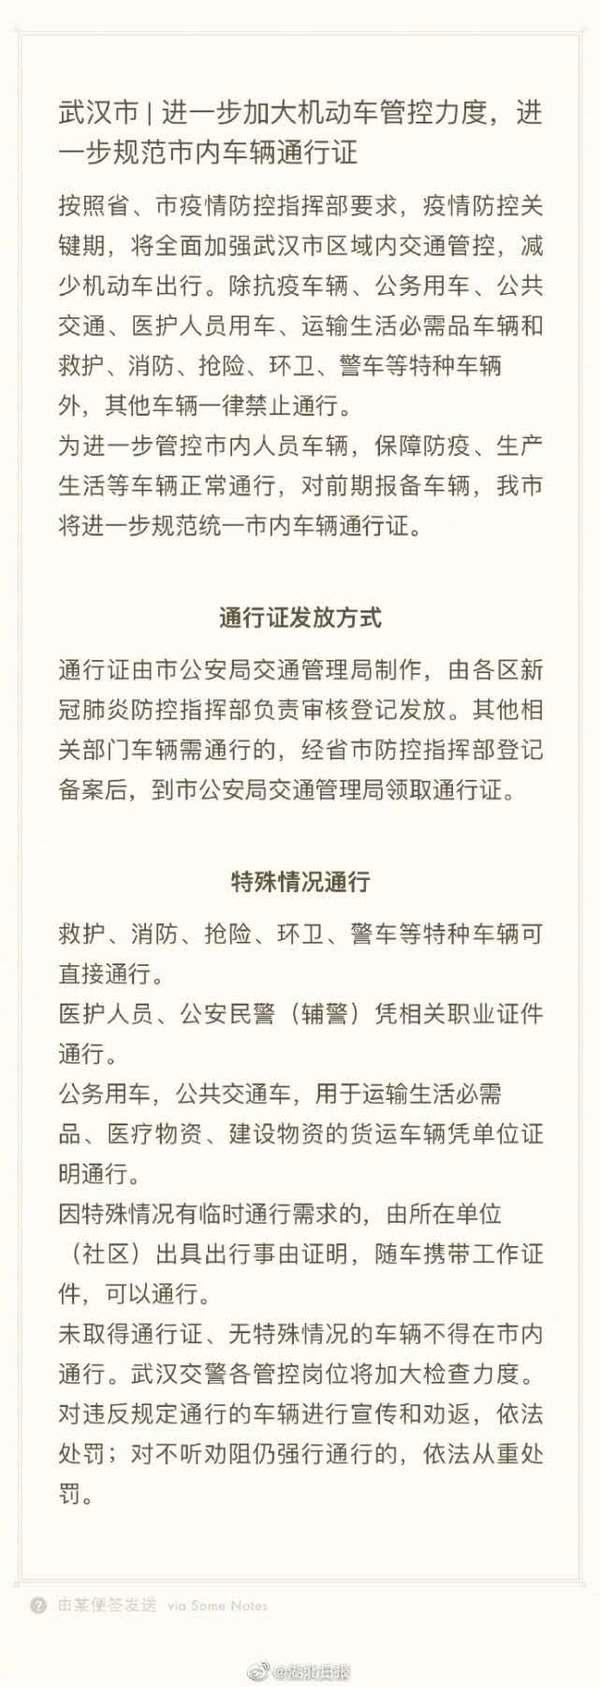 交通管制升级!武汉交警发布最新禁行令